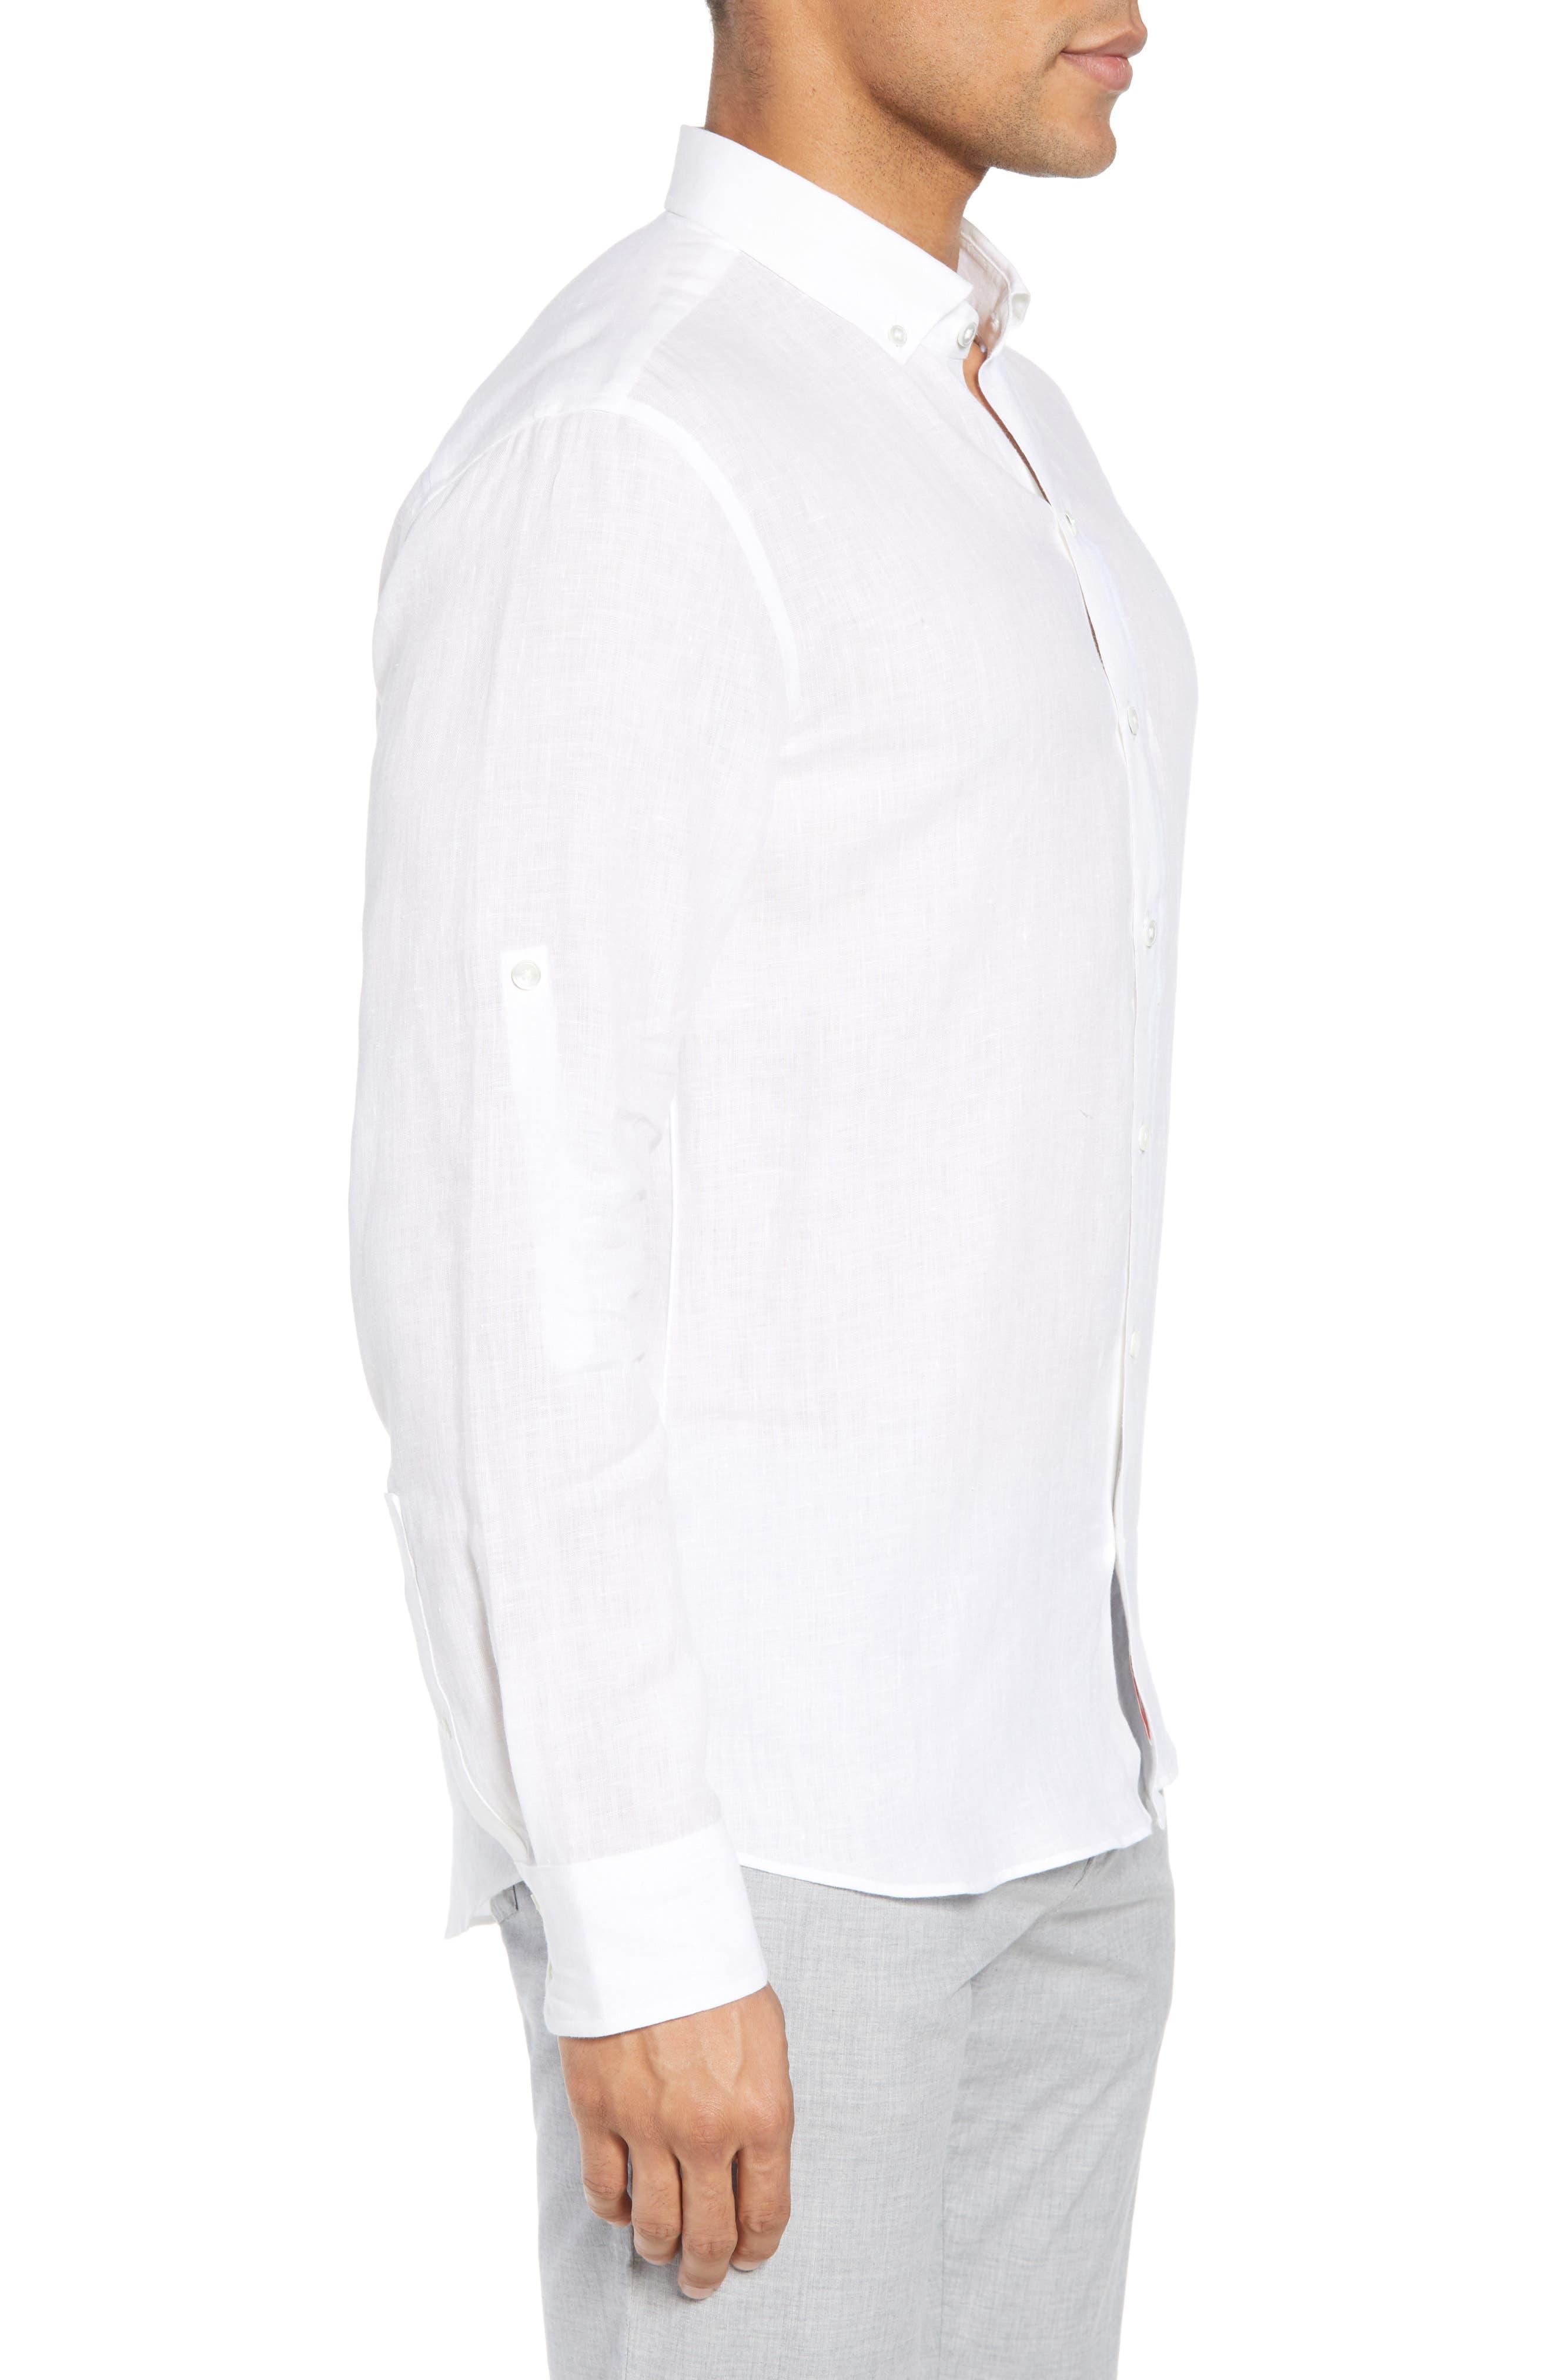 Yang Linen Sport Shirt,                             Alternate thumbnail 3, color,                             WHITE